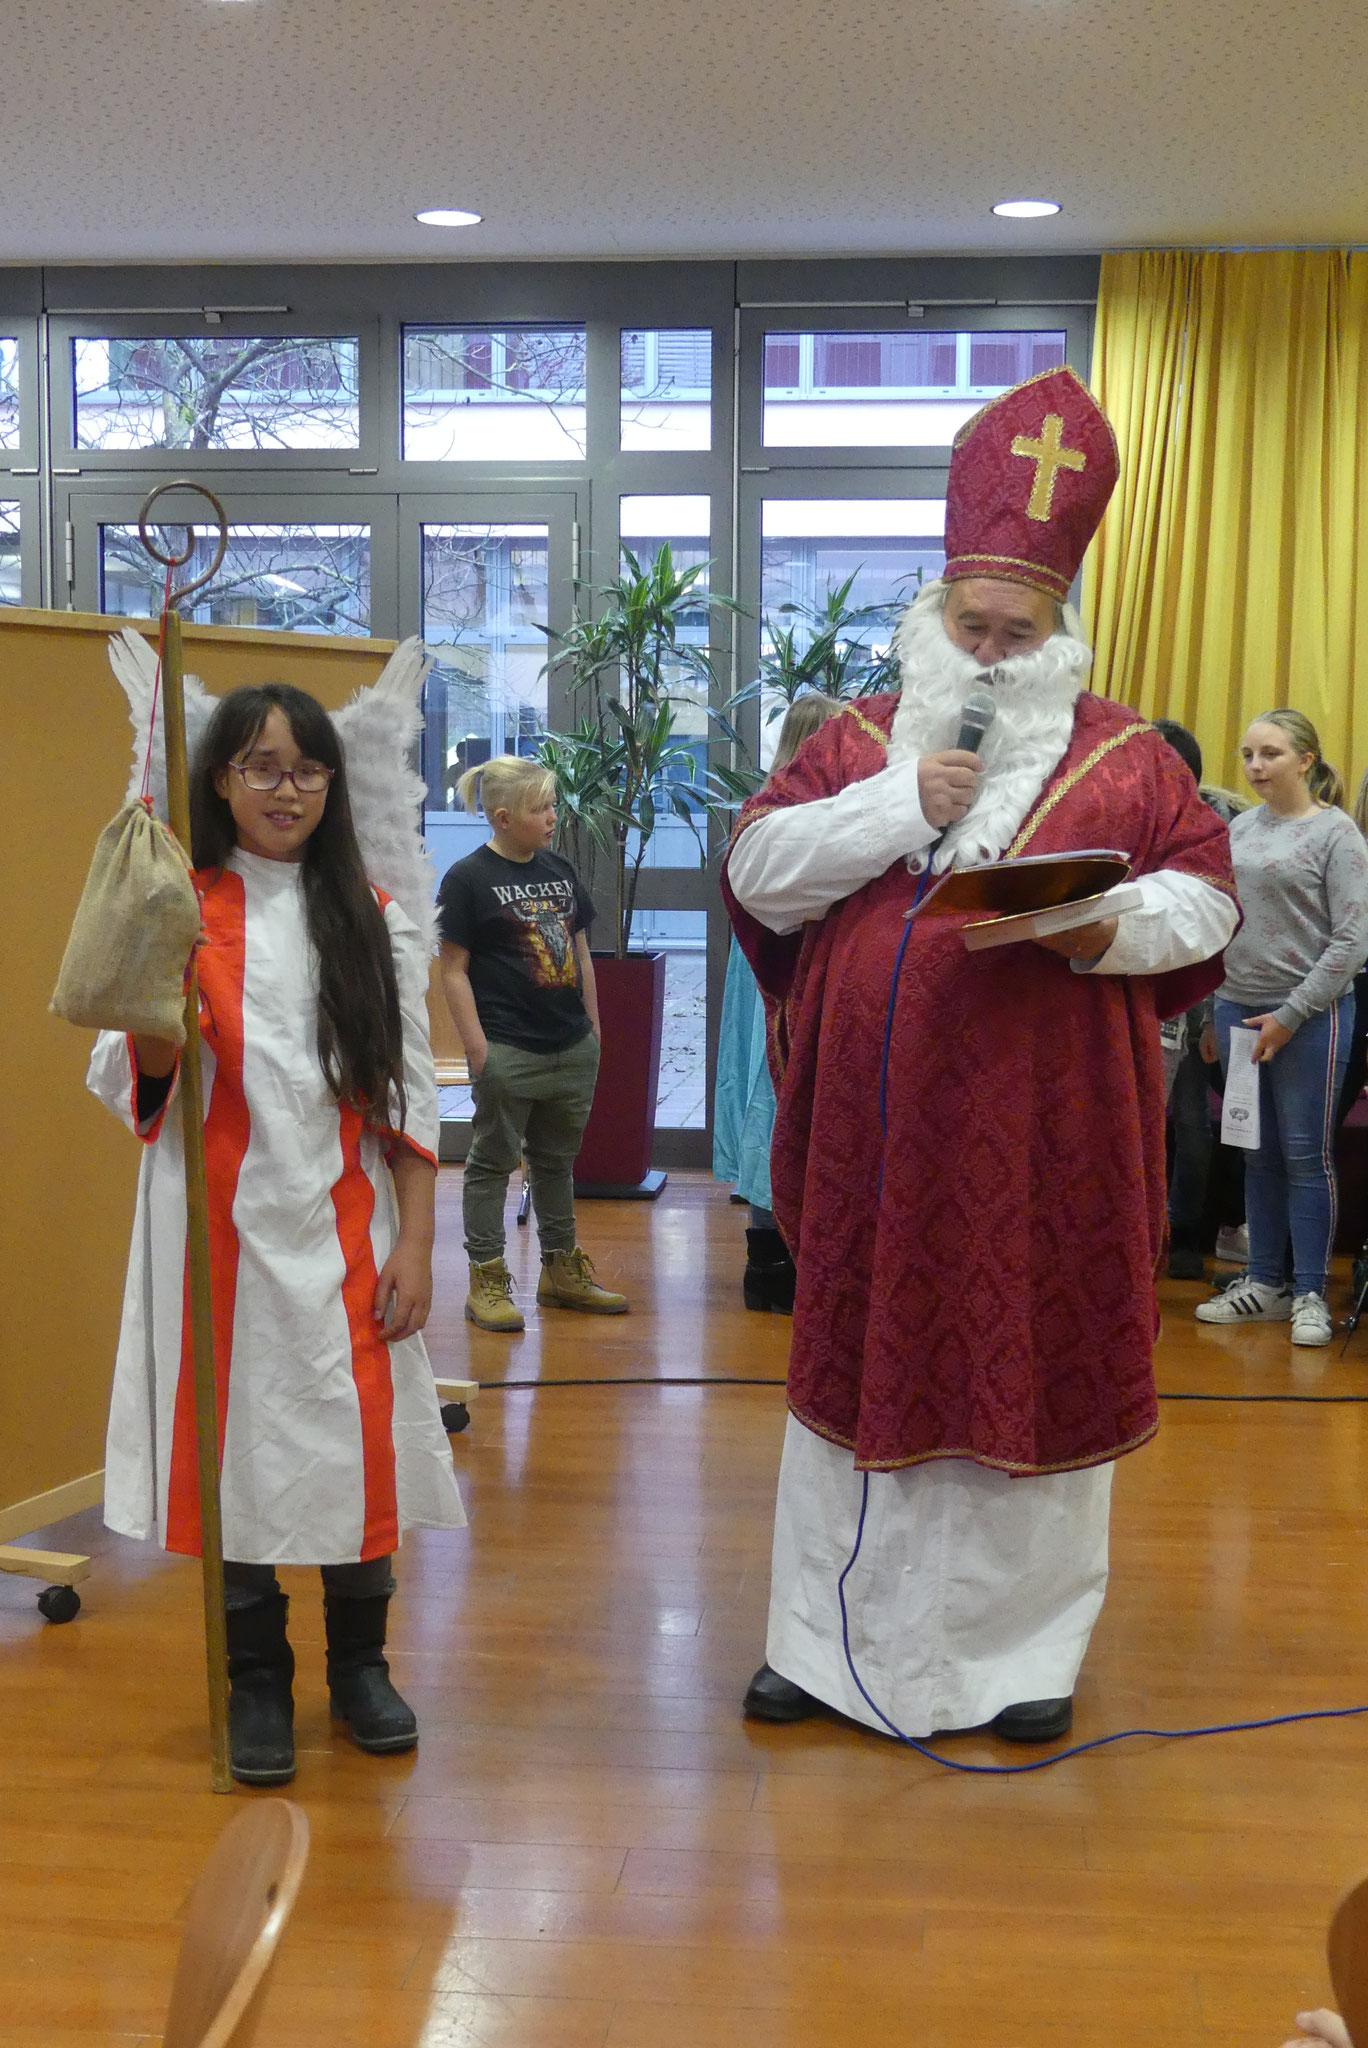 Auch Bischof Nikolaus schaute vorbei, las aus seinem goldenen Buch und hatte für jeden eine Kleinigkeit mitgebracht